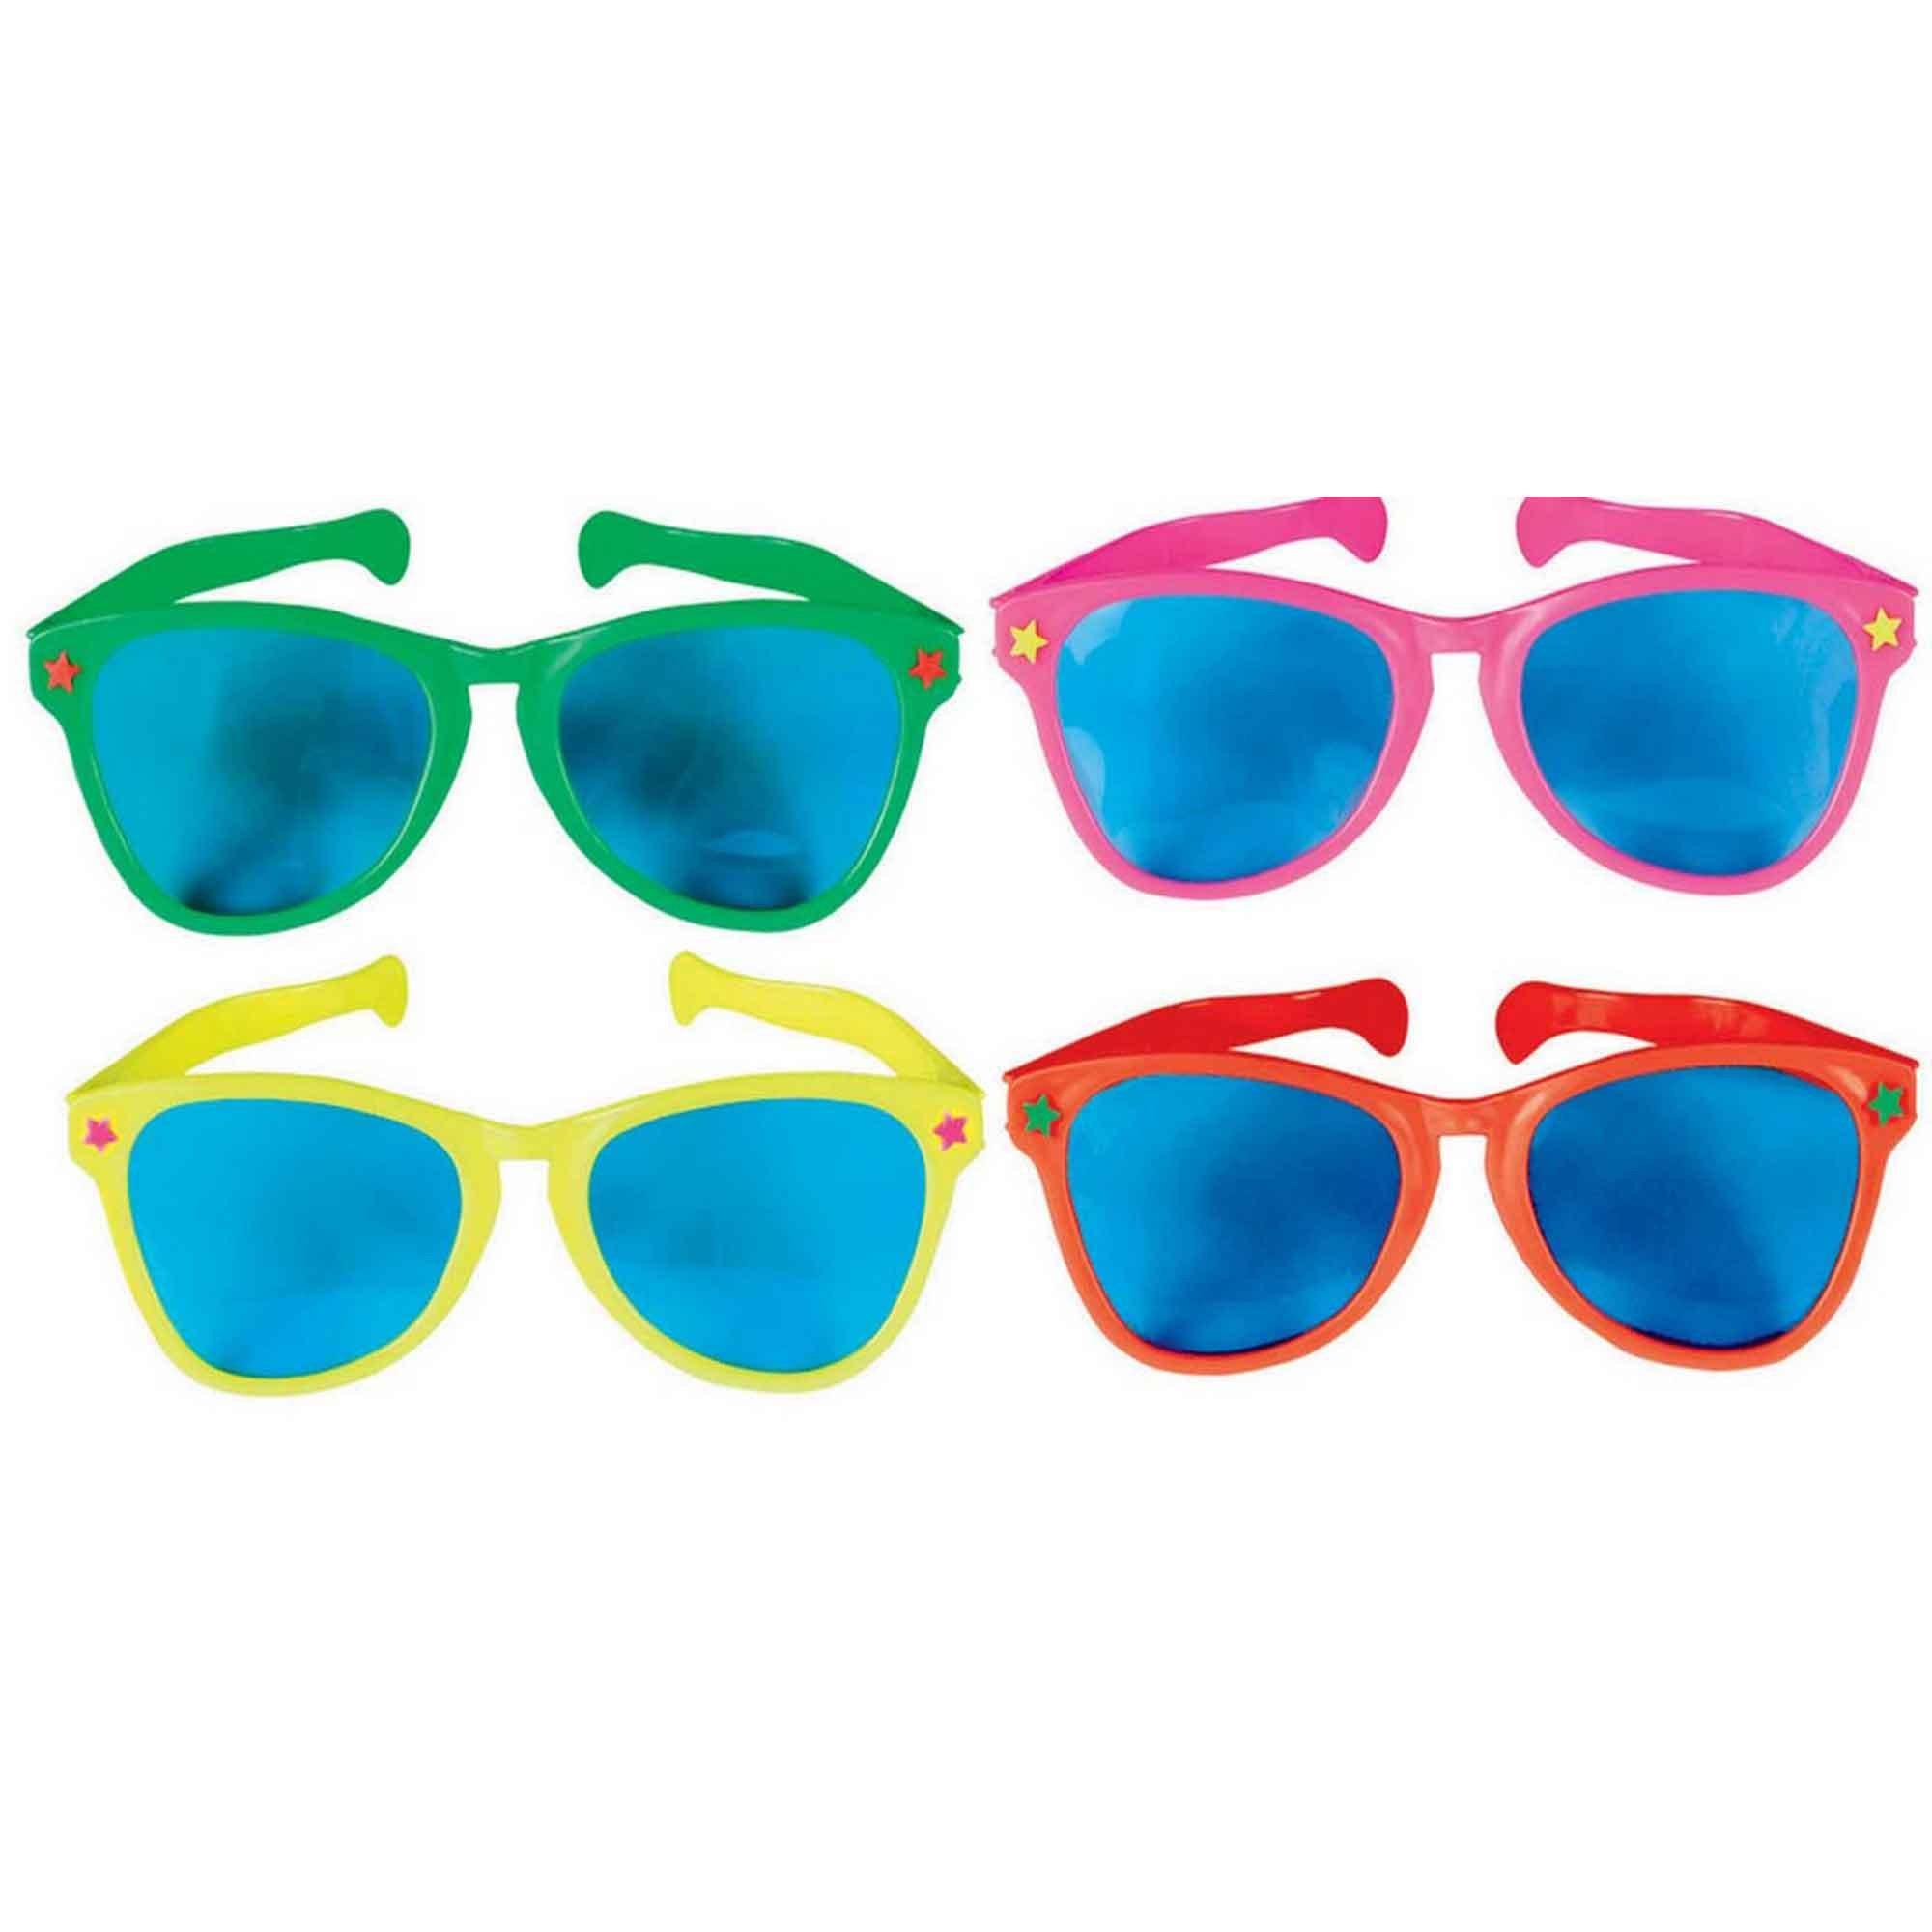 Jumbo Glasses - Rainbow